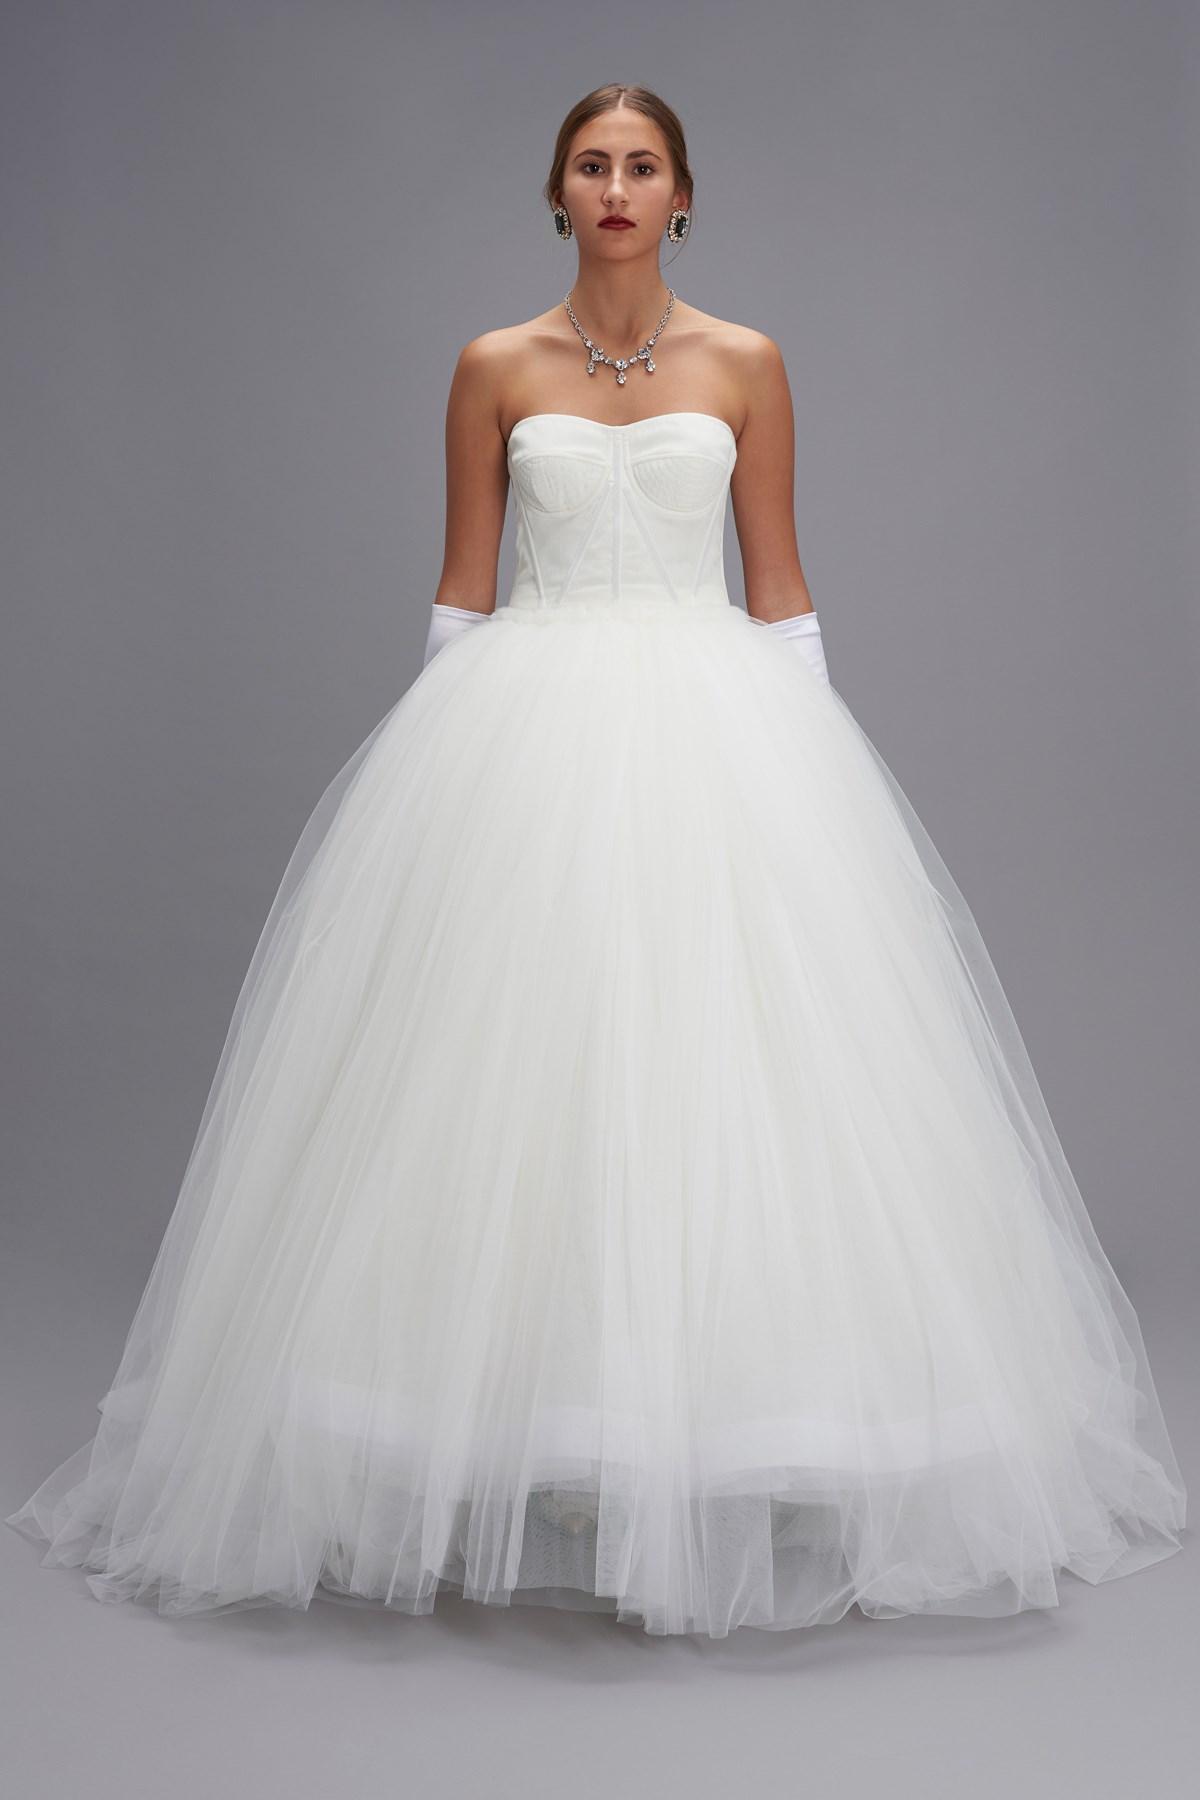 Vestiti Da Sposa Dolce E Gabbana.Dolce Gabbana Bride Dress Available On Www Julian Fashion Com